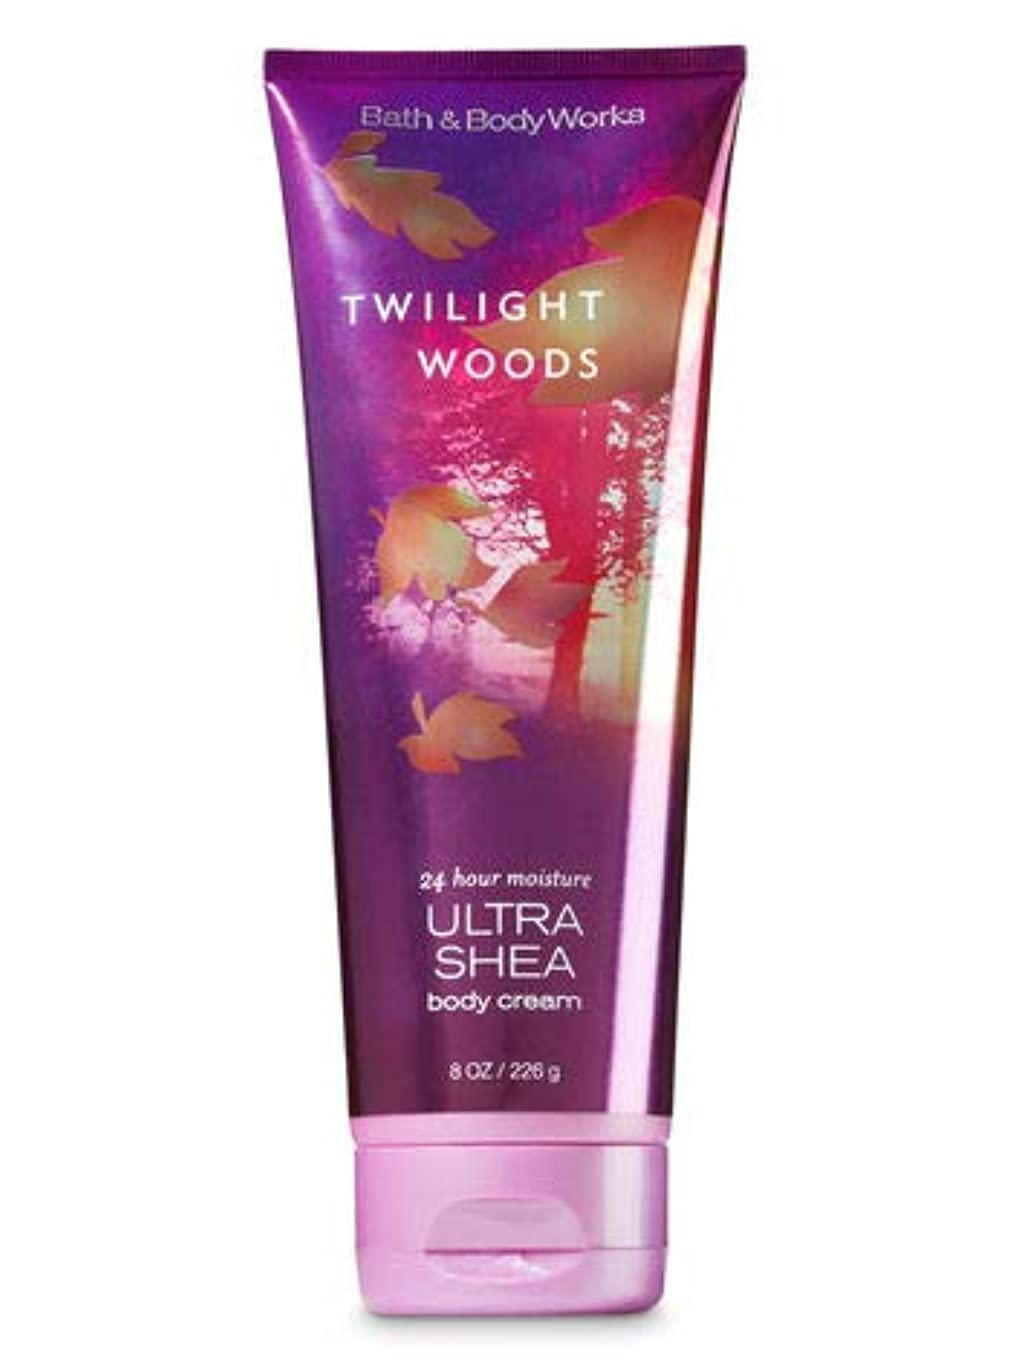 バイソン任命するおめでとう【Bath&Body Works/バス&ボディワークス】 ボディクリーム トワイライトウッズ Ultra Shea Body Cream Twilight Woods 8 oz / 226 g [並行輸入品]